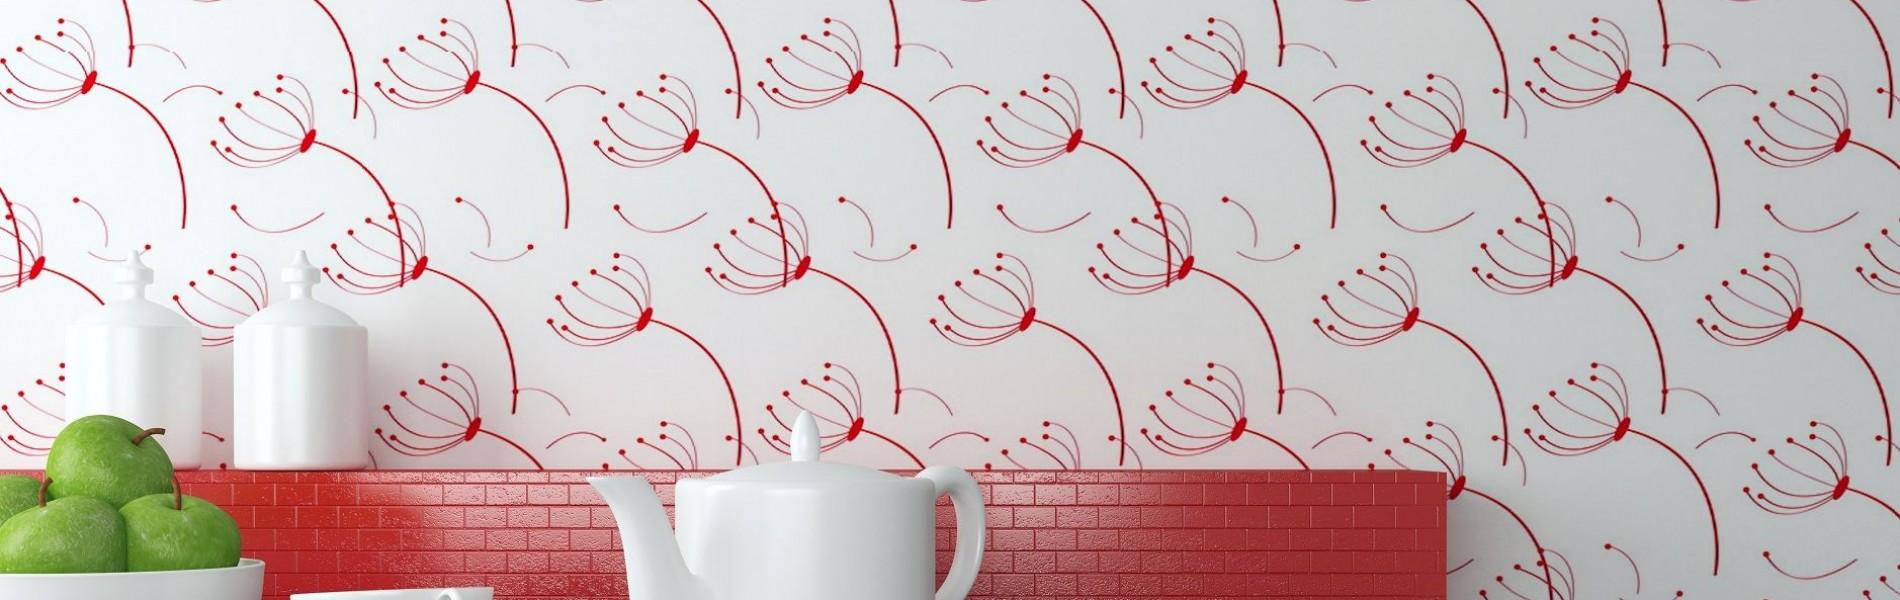 Cuisine tendance: Pose de papier-peint avec OK Service